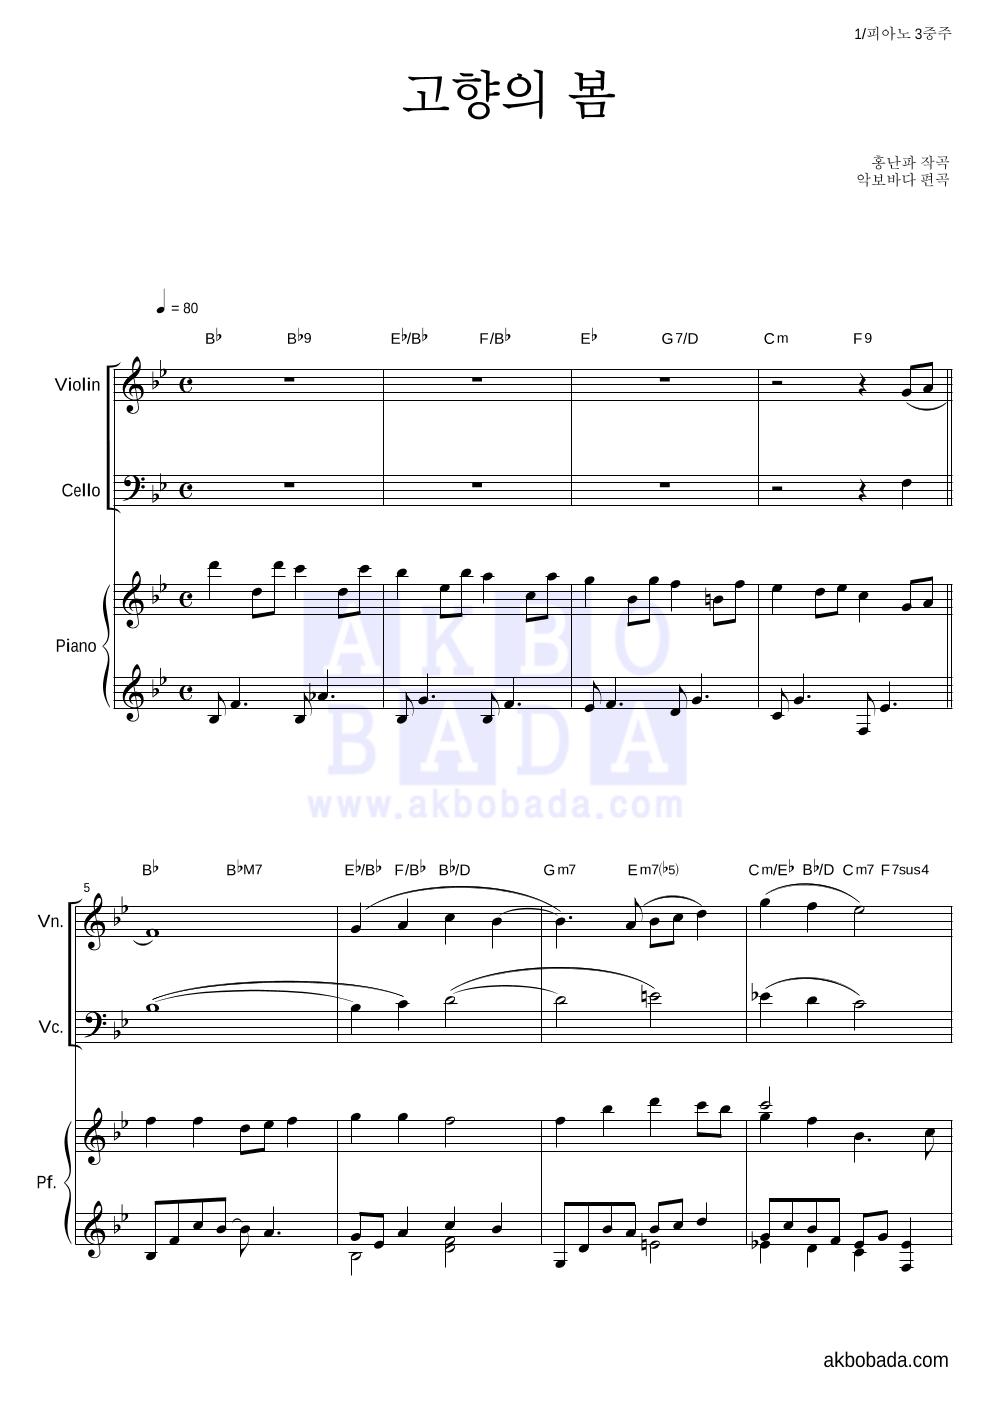 동요 - 고향의 봄 피아노3중주 악보